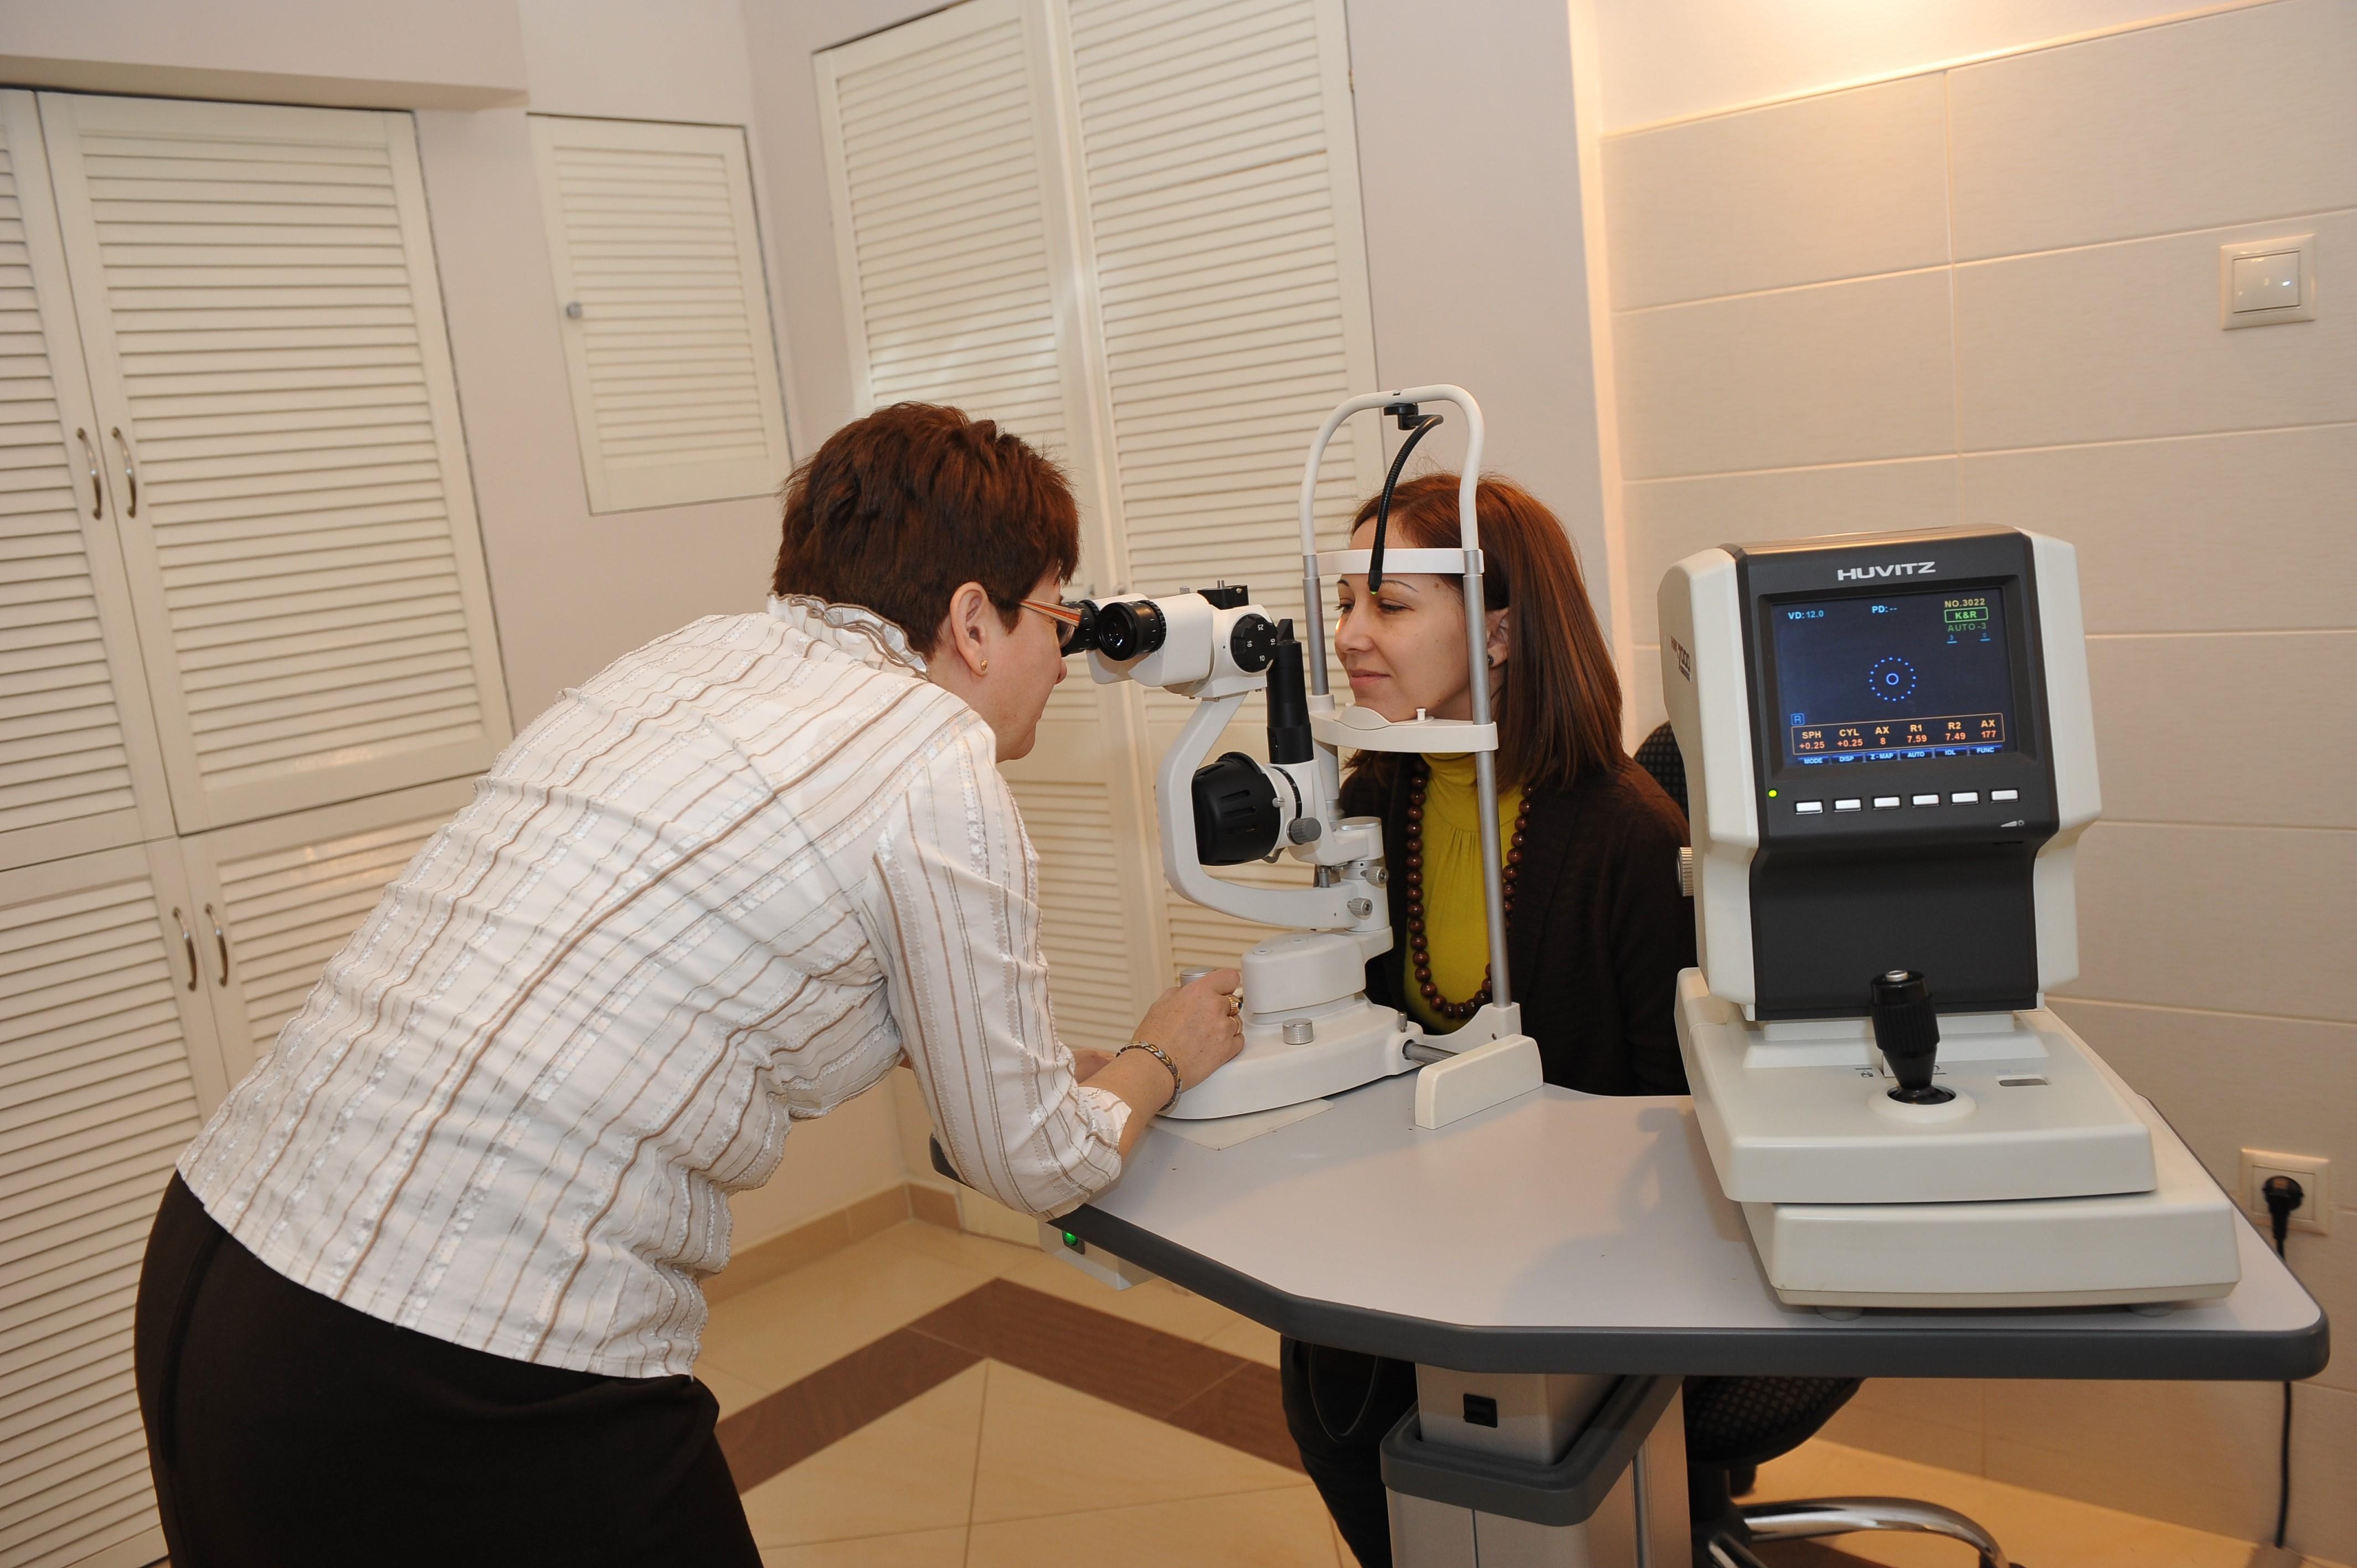 látásvizsgálati asztalok közelében